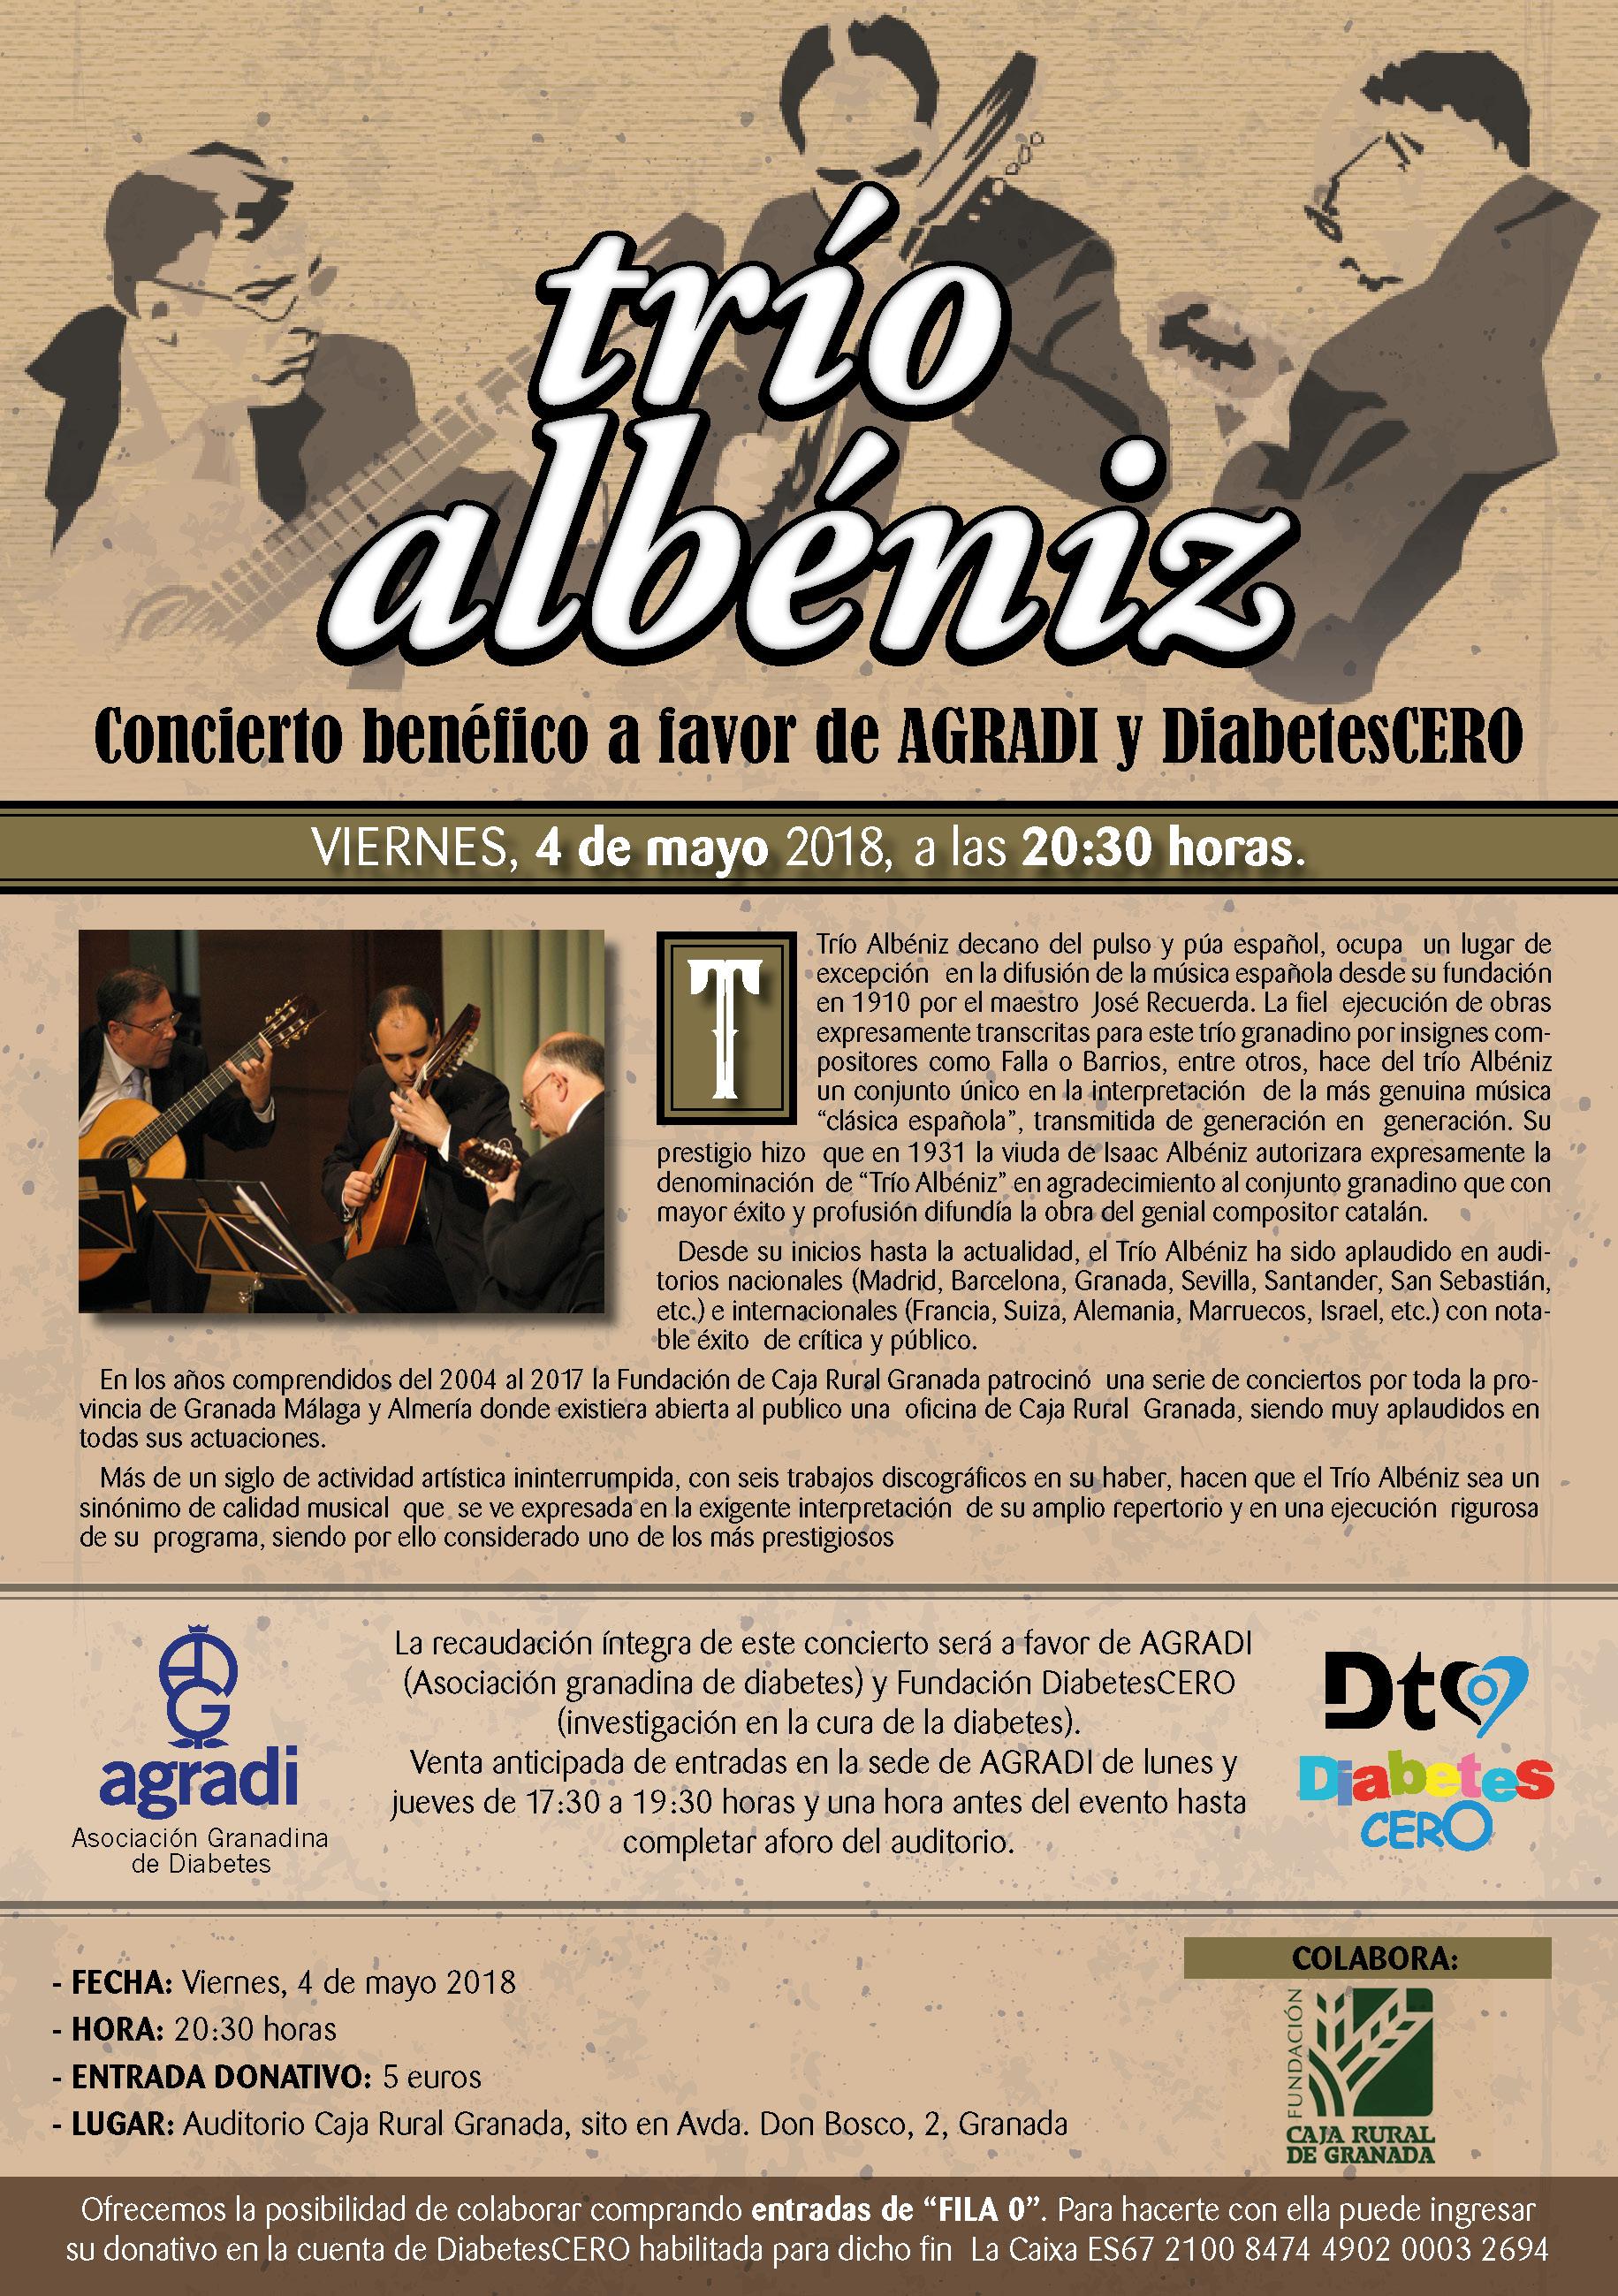 Concierto a cargo del Trío Albéniz – Viernes 4 de mayo